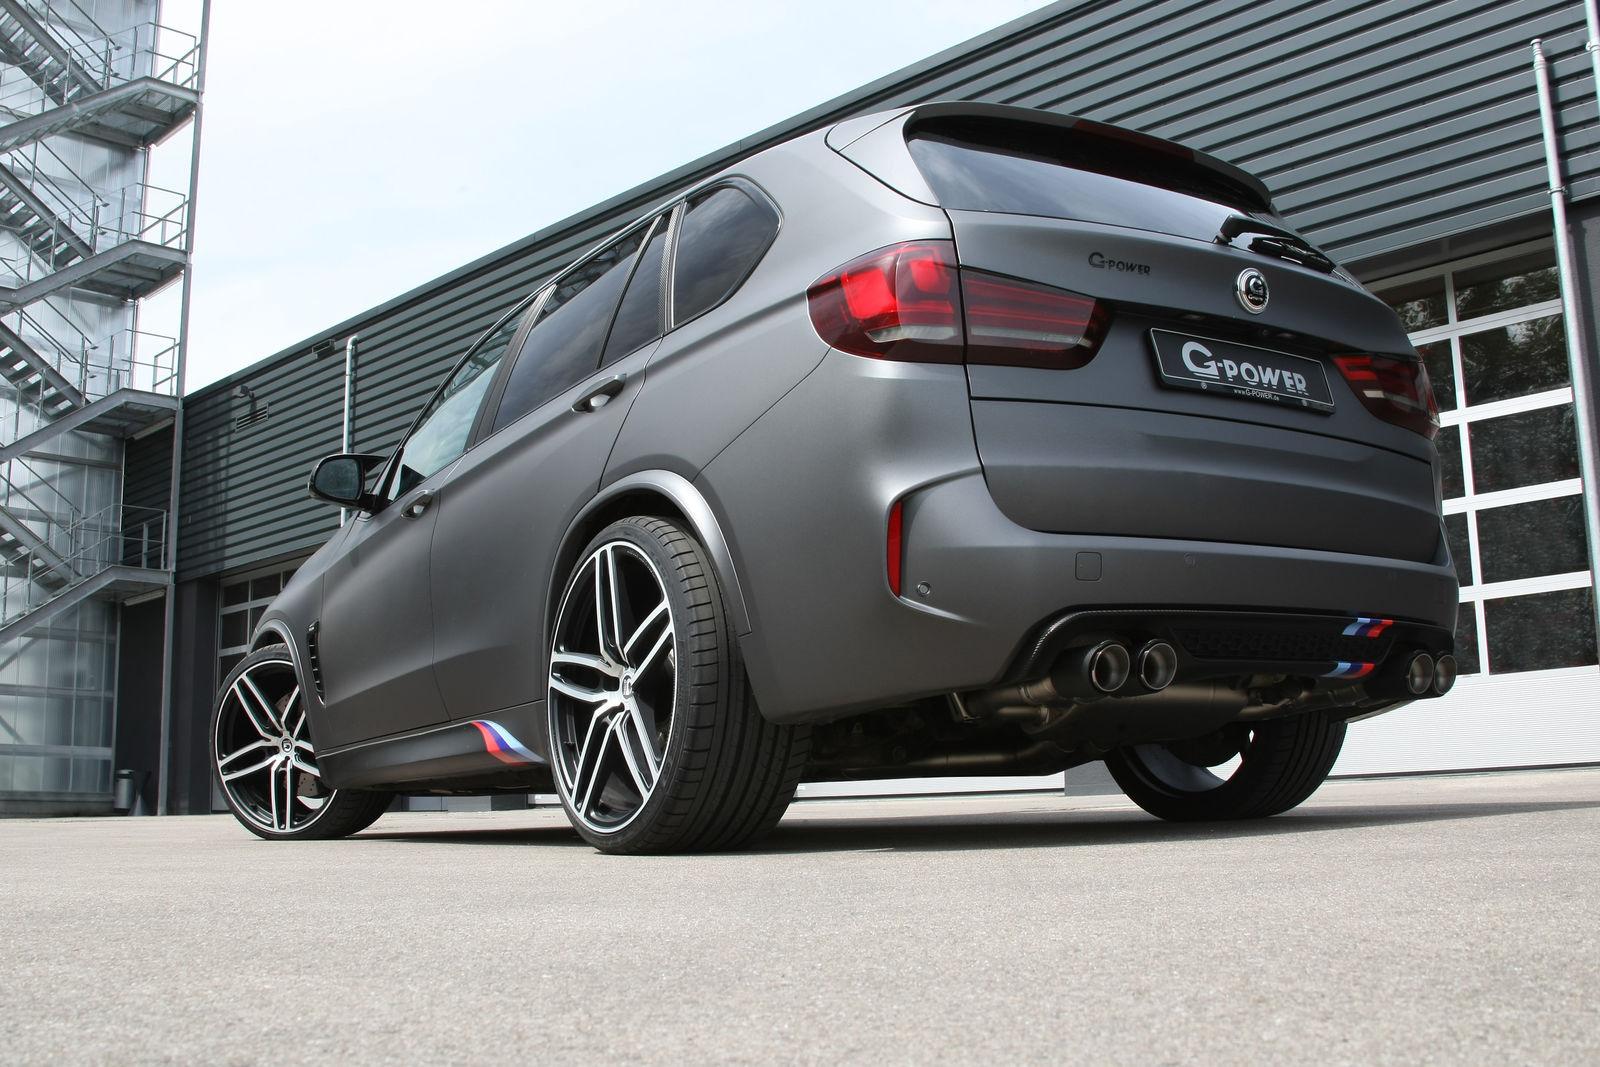 BMW X5 M G-Power (3)